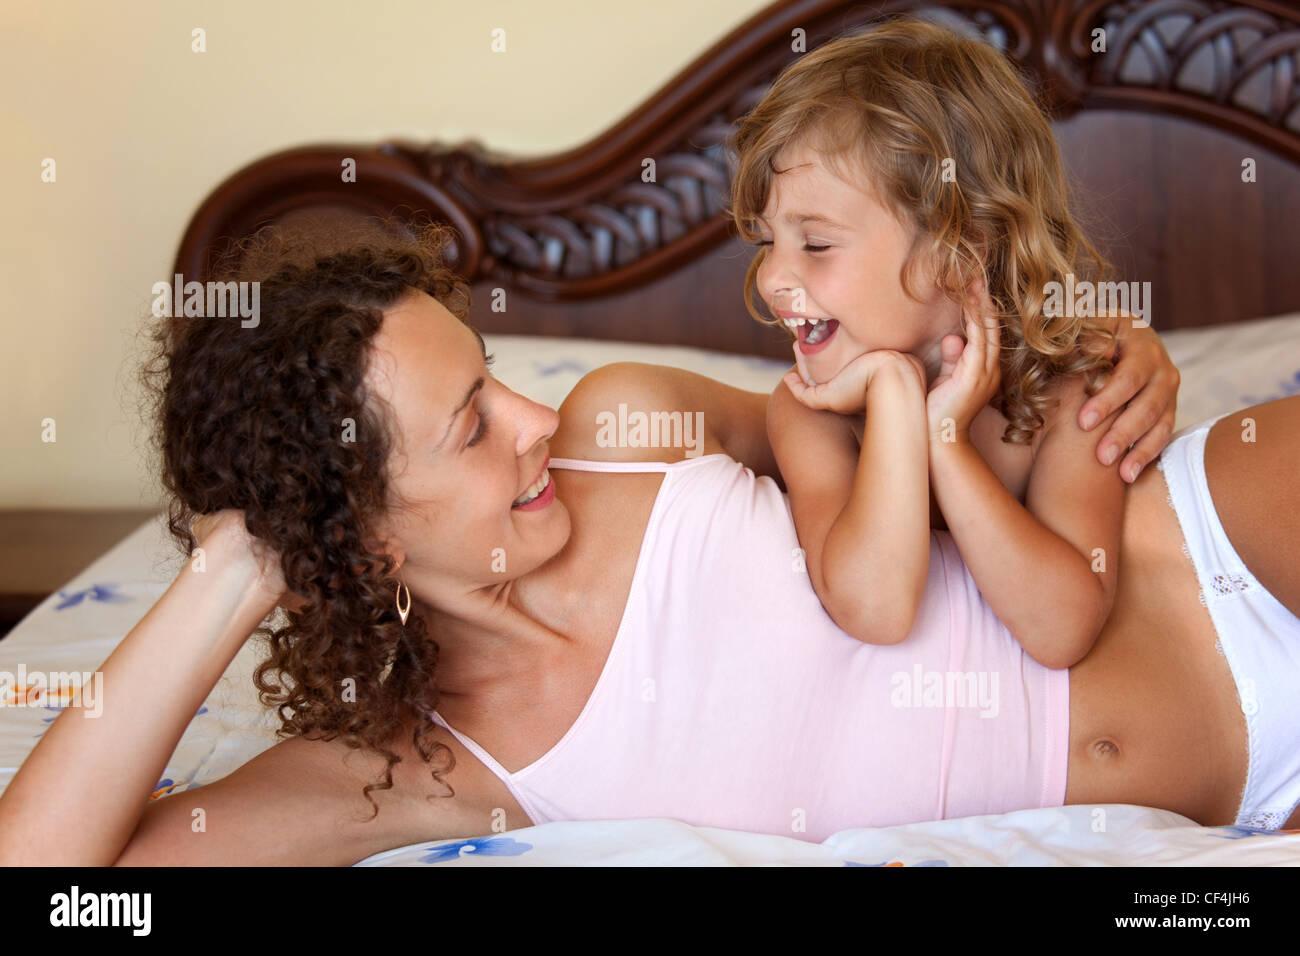 Смотреть секс мама дочка, В инцест видео мамы с дочкой есть место и соблазну 11 фотография